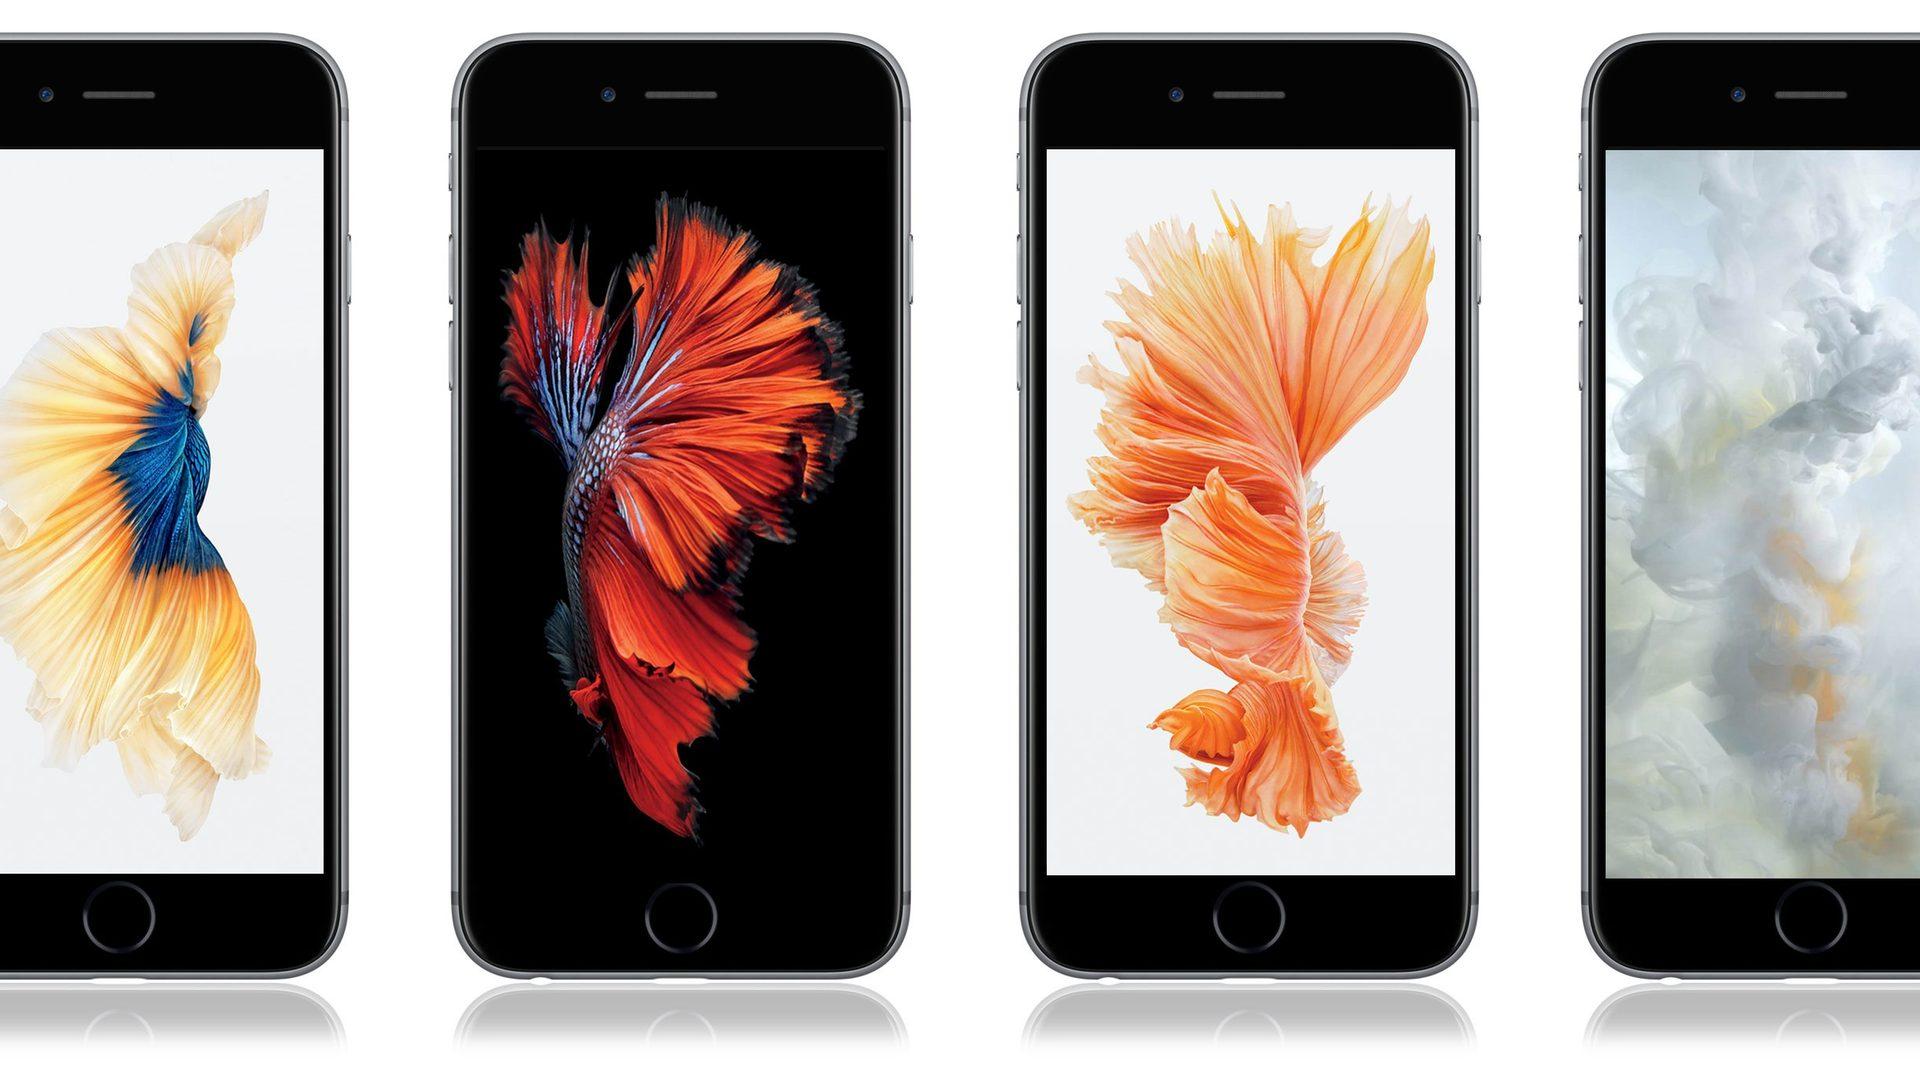 iPhone 21s Wallpaper zum Download Diese gibt's nicht in iOS 21